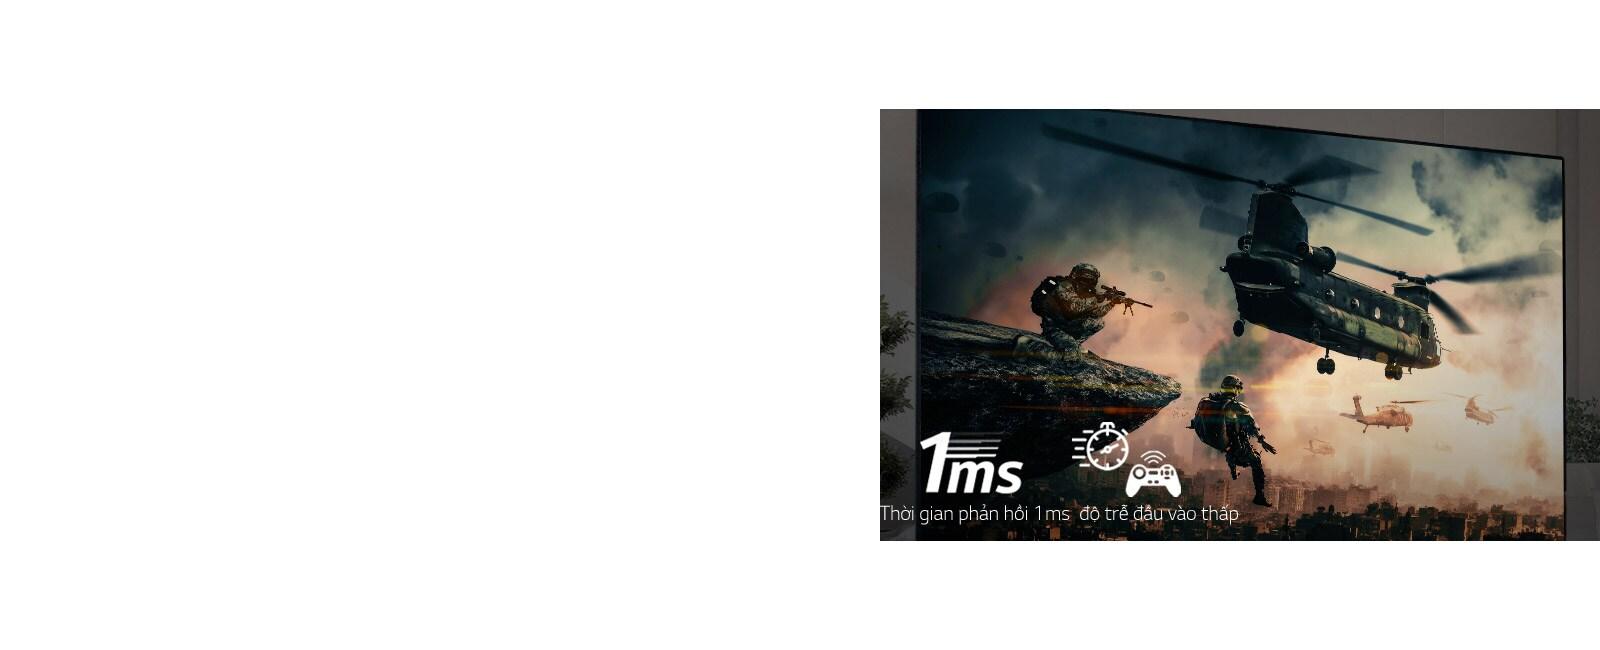 Cận cảnh người chơi cầm tay lái xe đua đang chơi trò chơi đua xe trên màn hình TV